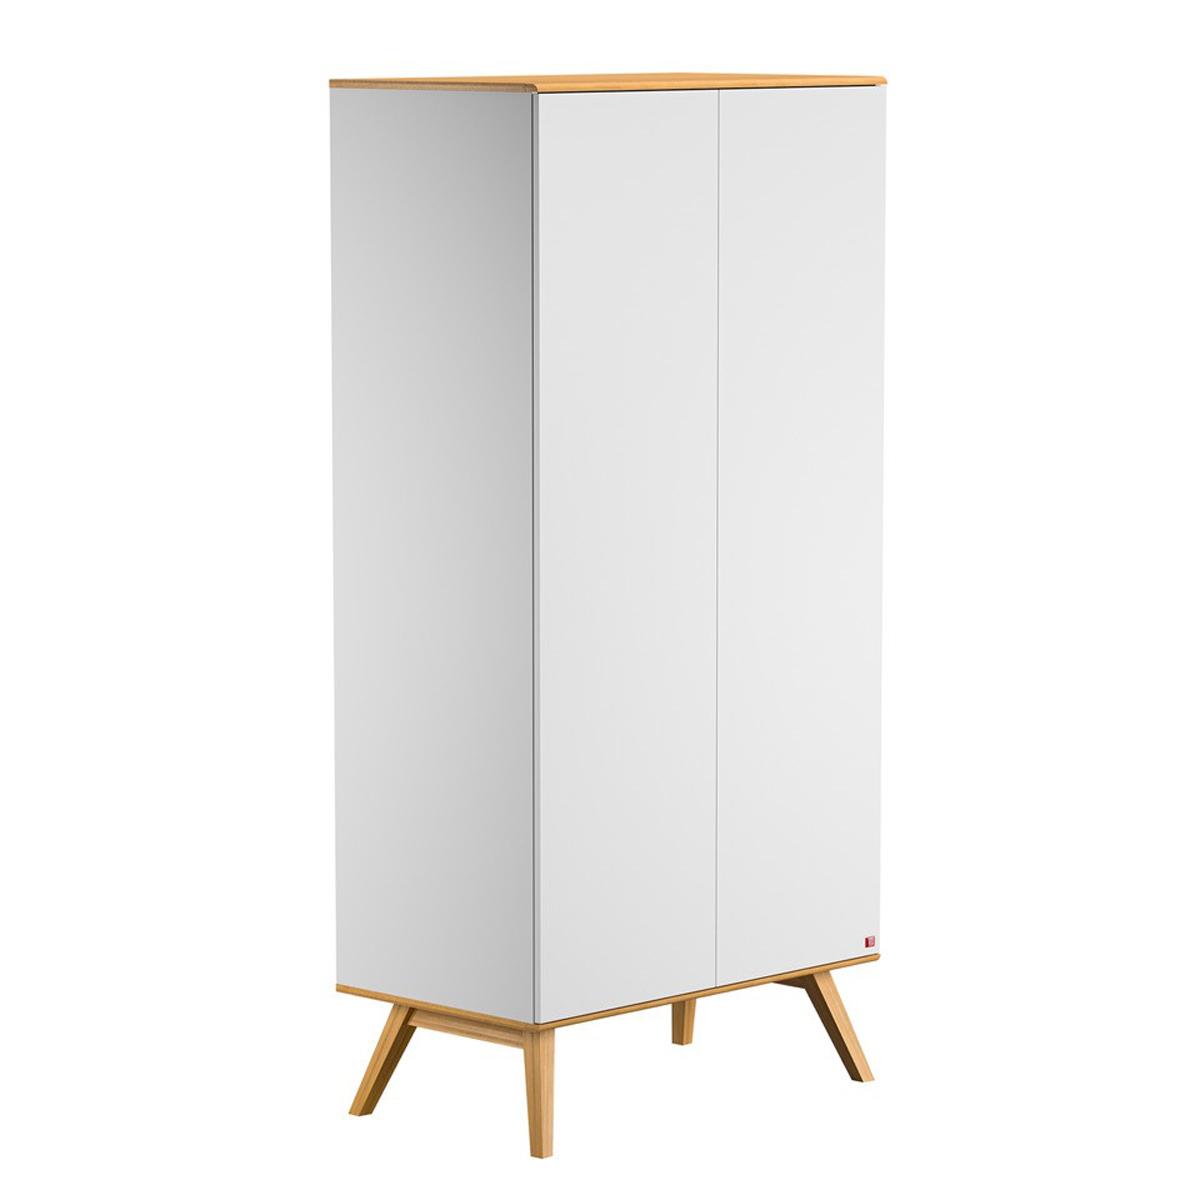 Vox meubles armoire 2 portes nature blanc armoire vox - L armoire de bebe ...